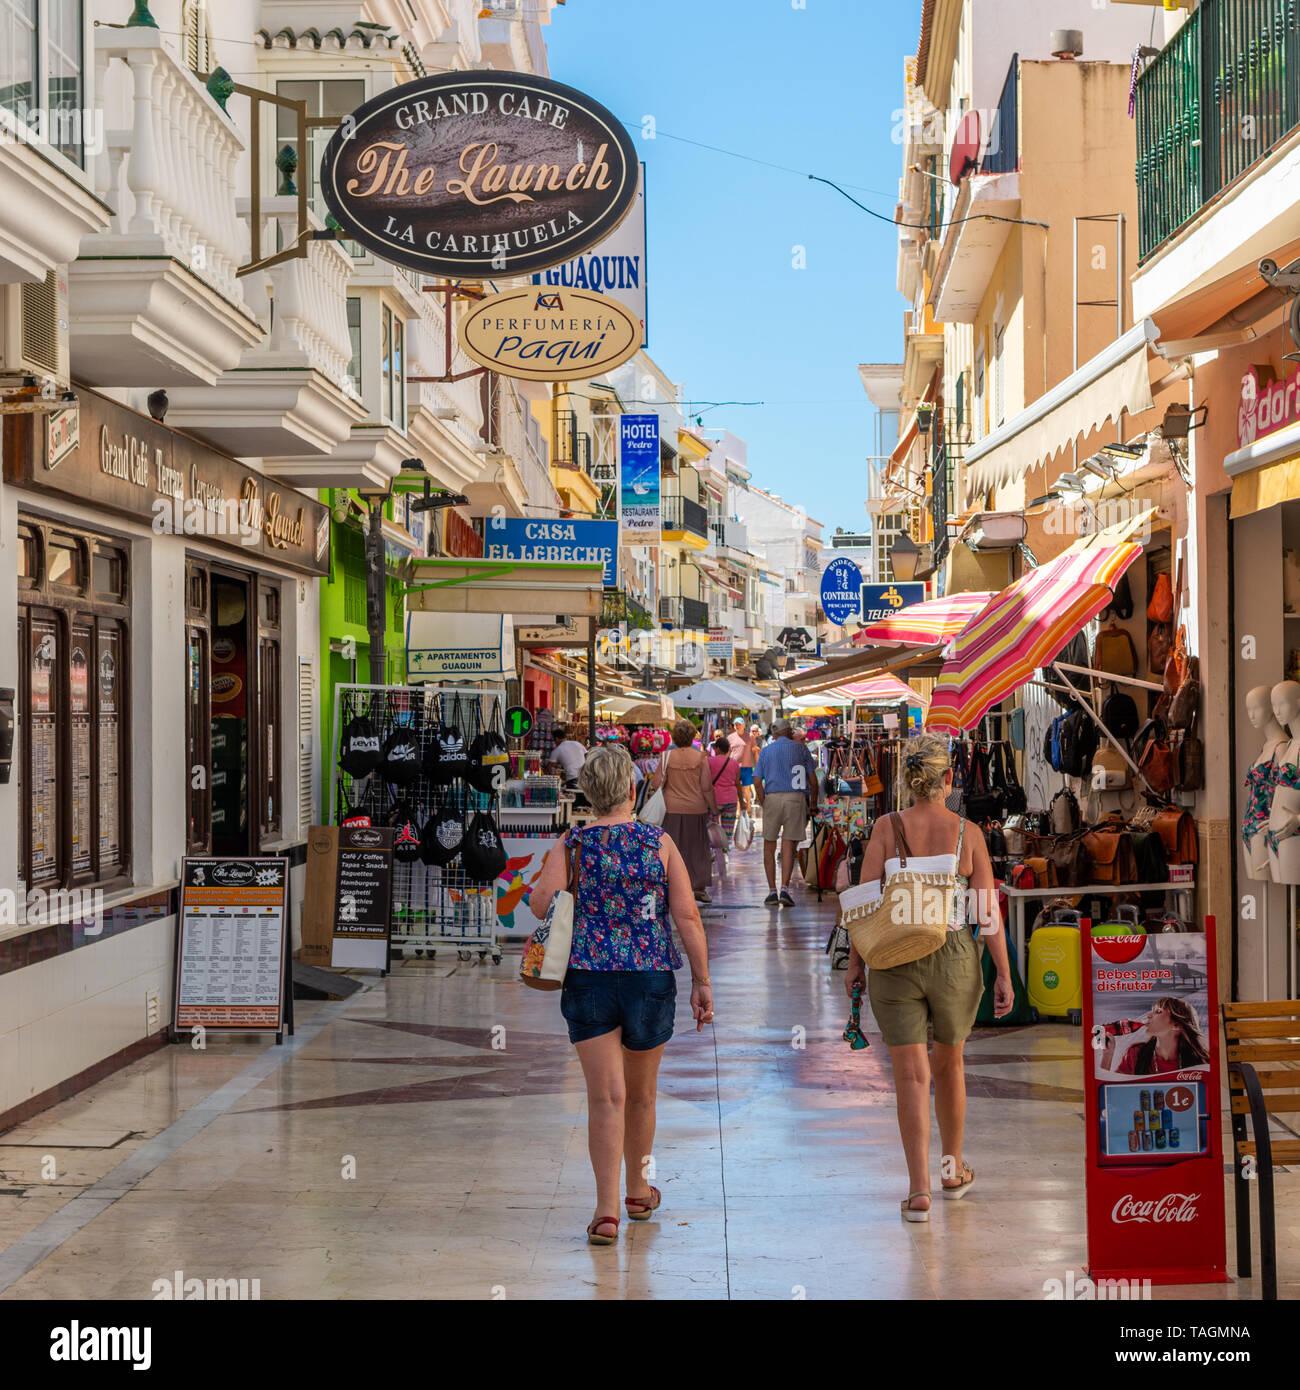 Shops, bars, cafes and restaurants in a pedestrian precinct in La Carihuela, Torremolinos, Costa Del Sol, Spain - Stock Image